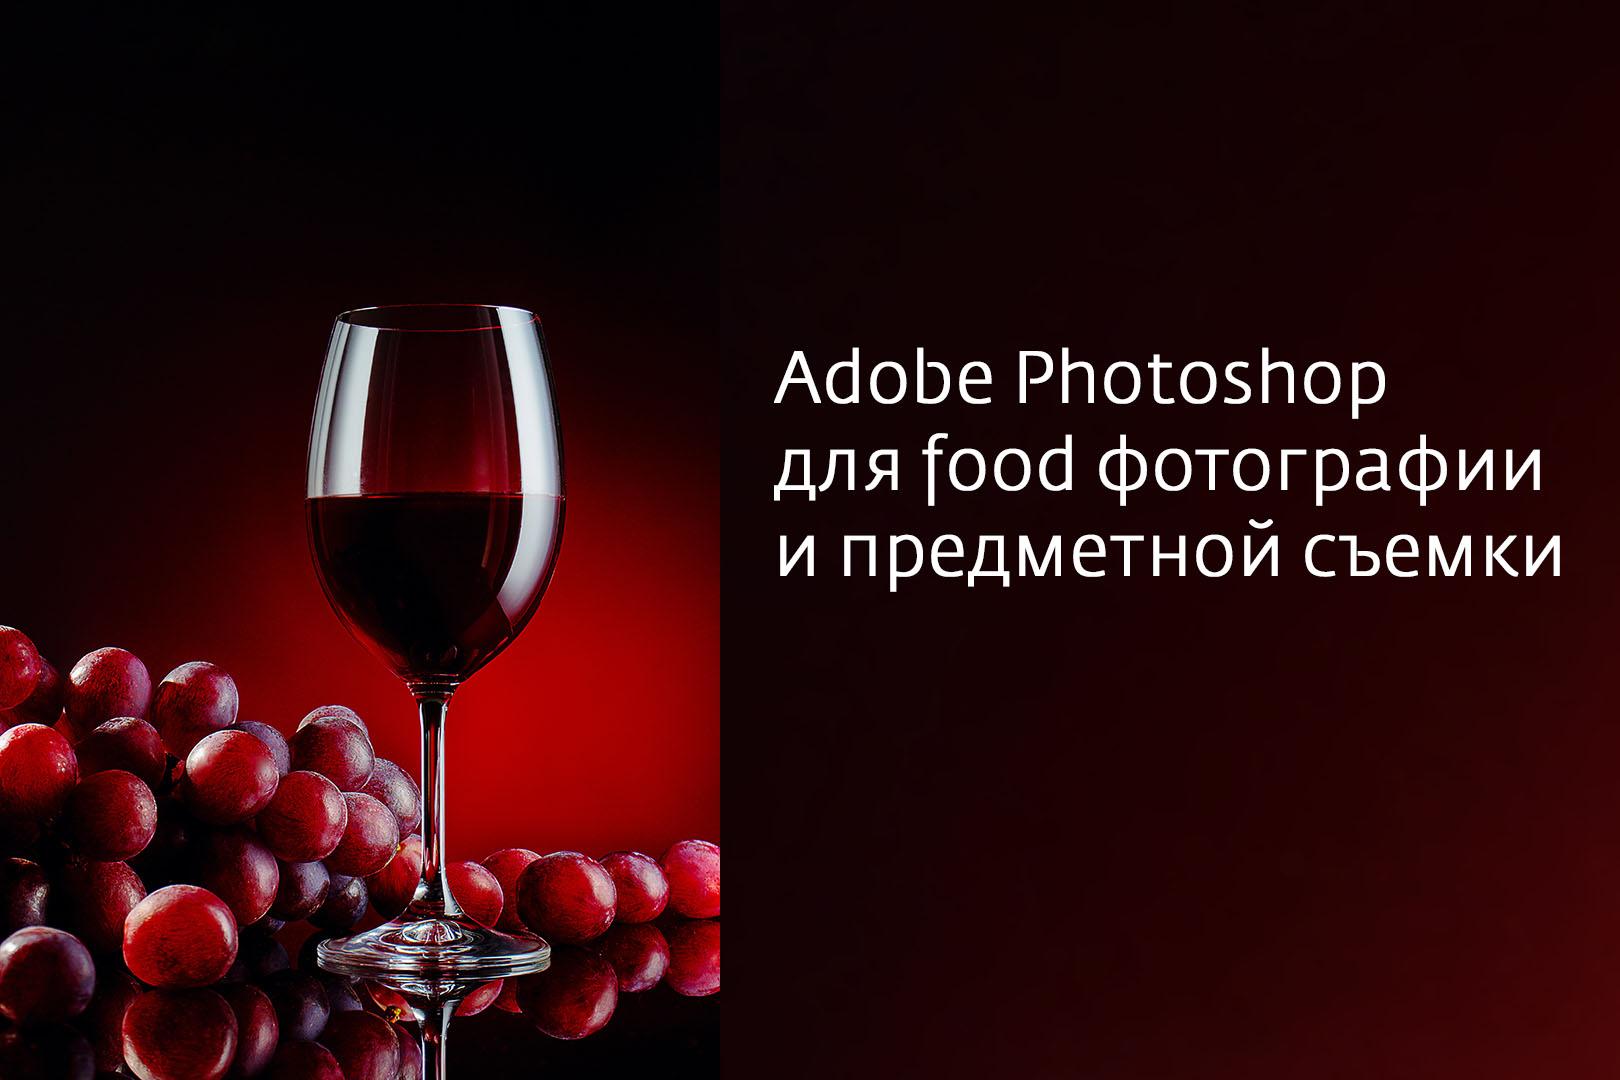 Adobe Photoshop для food фотографии и предметных съемок